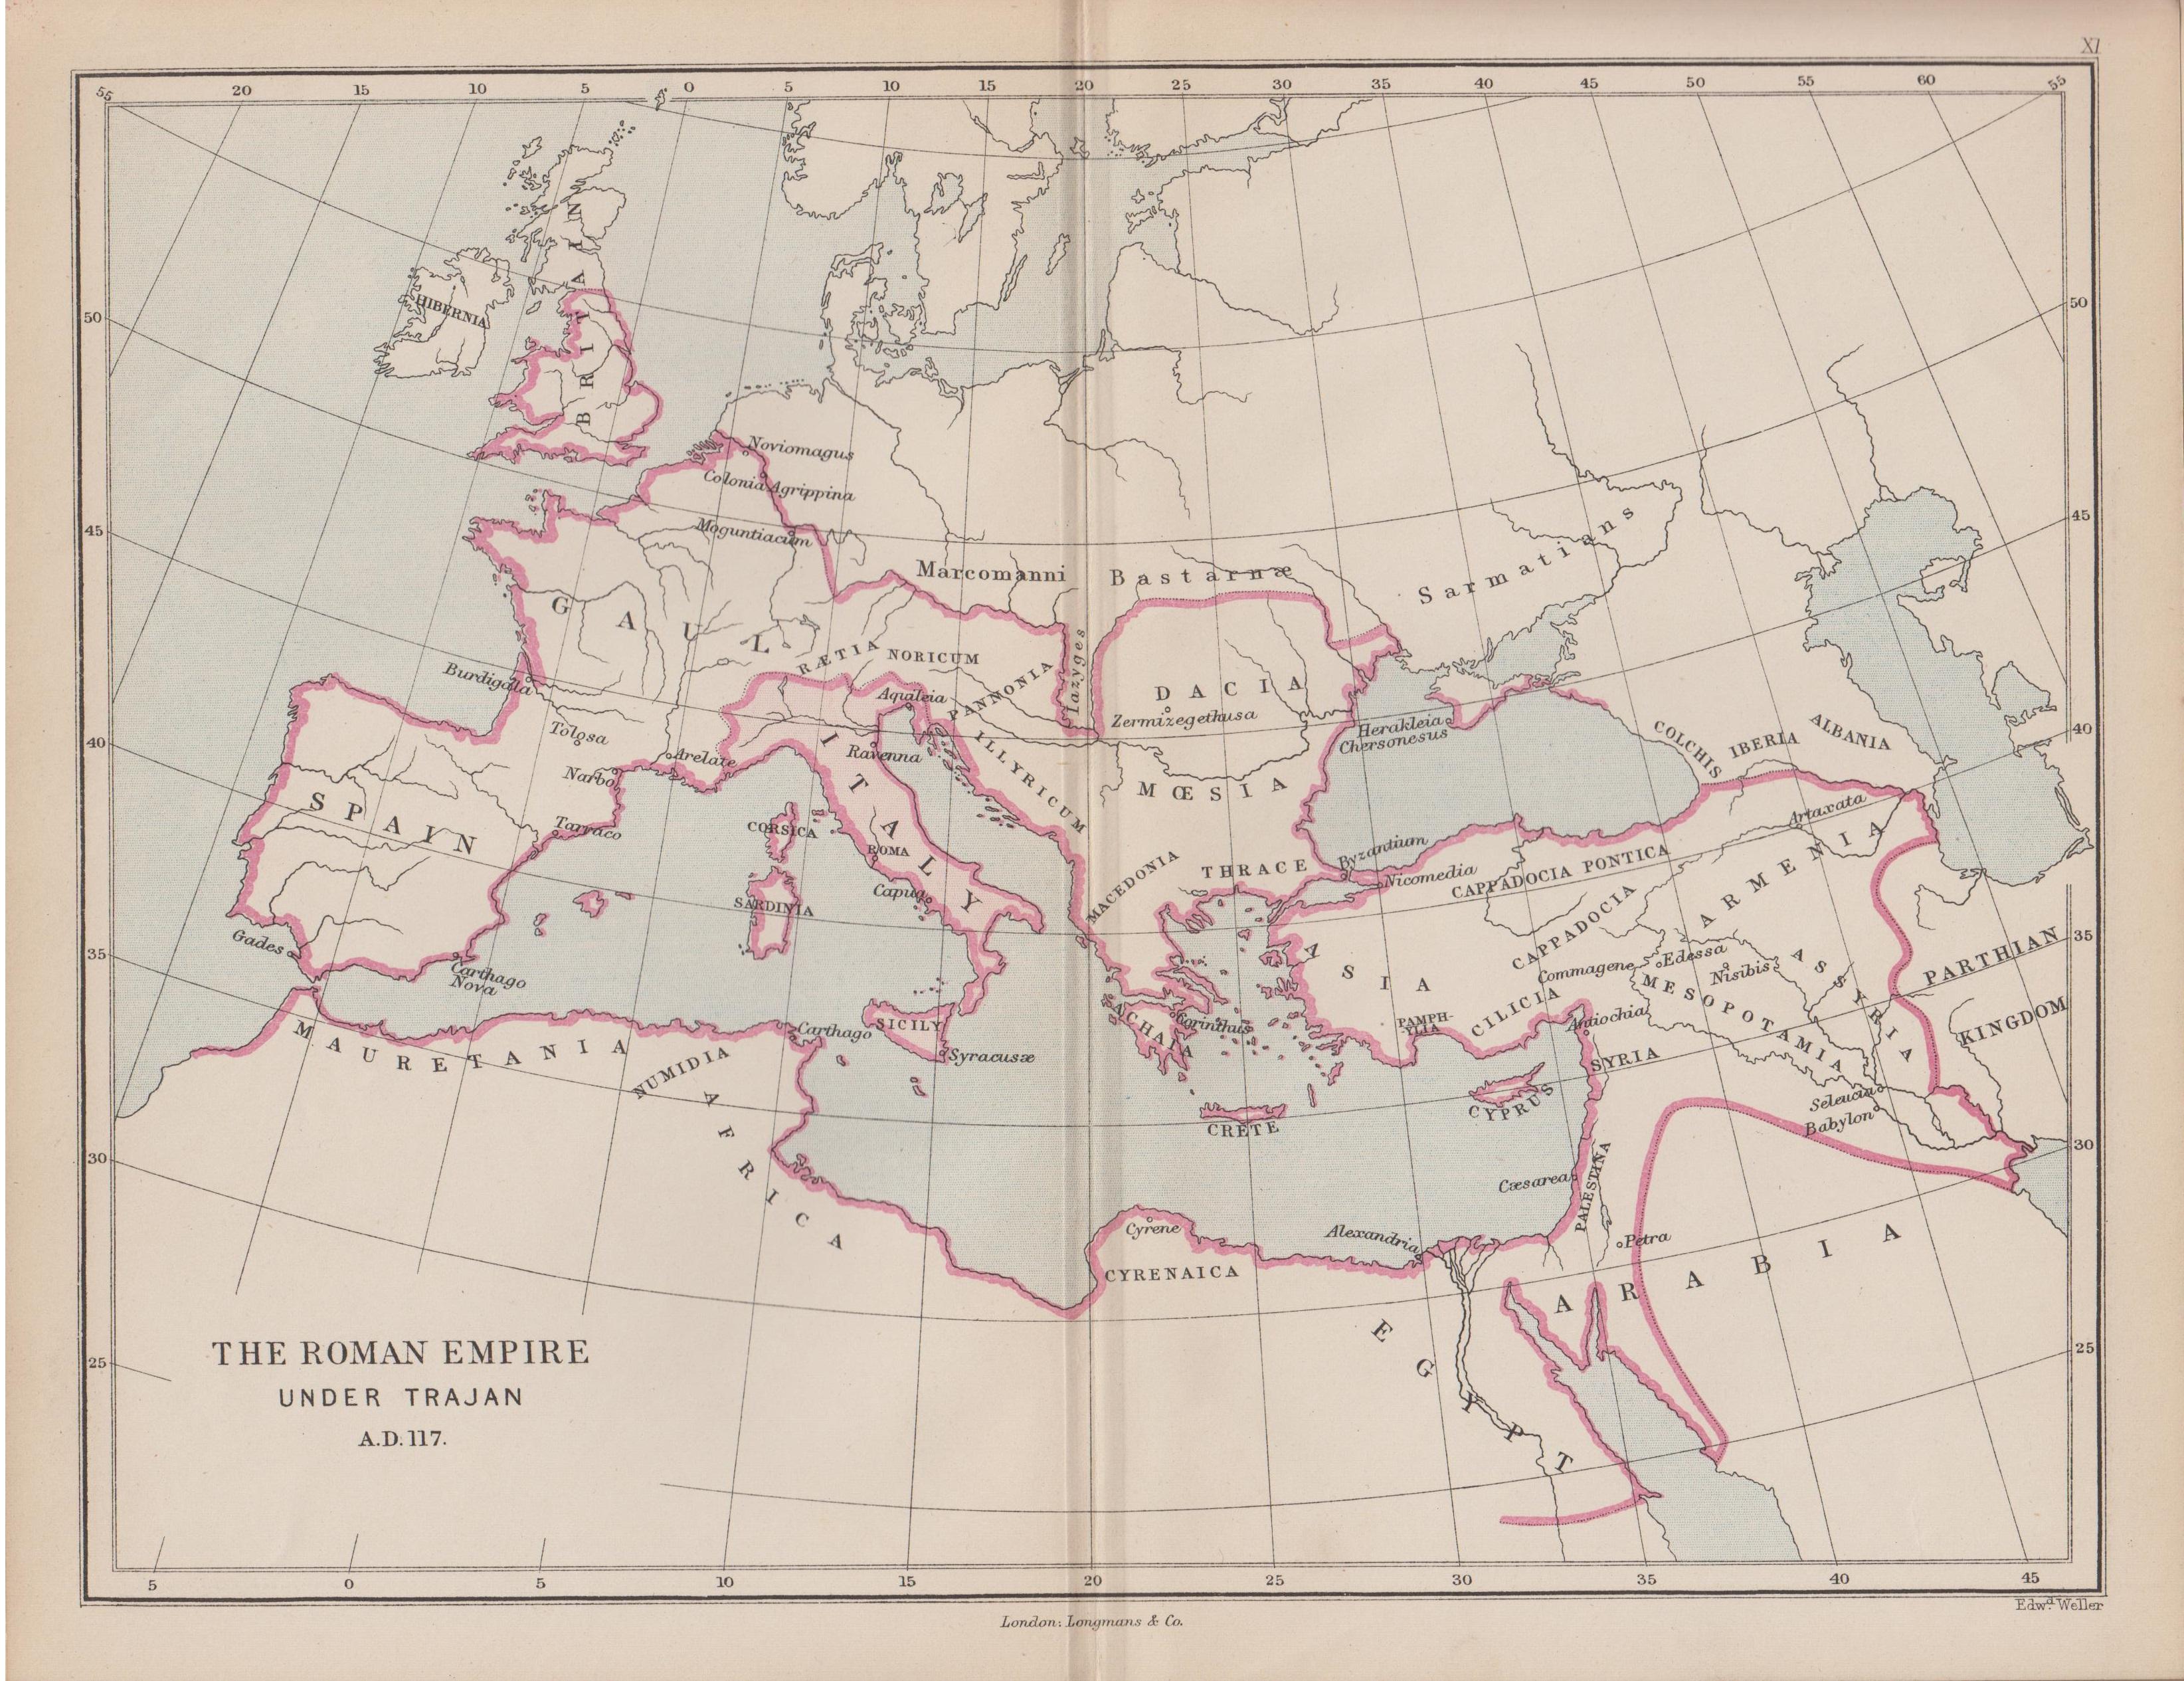 Historia de Roma El ascenso 3 de 3